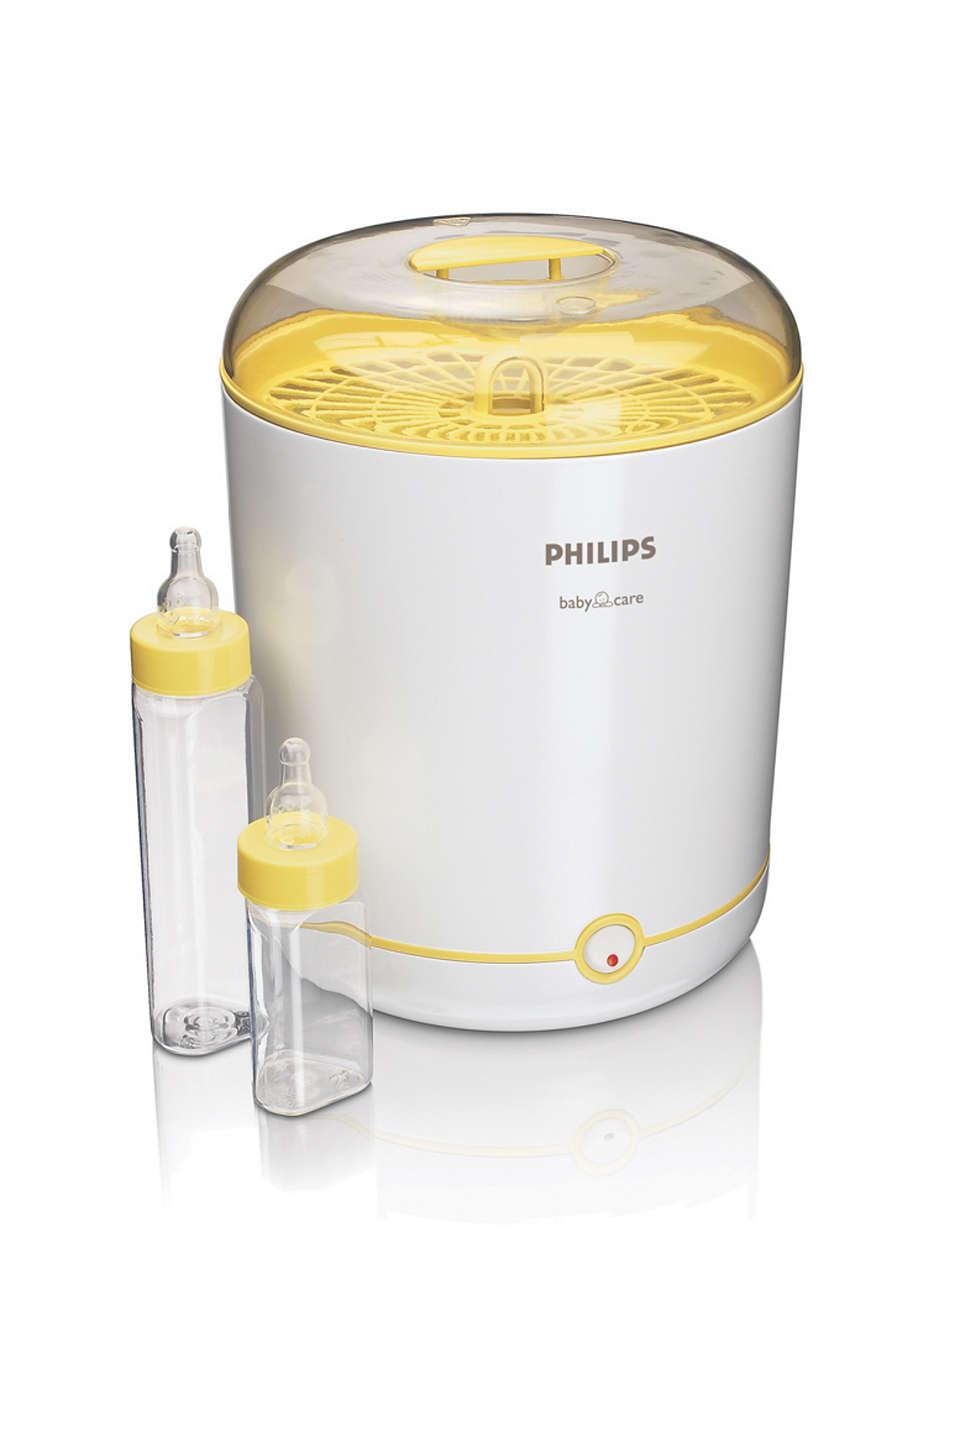 Sterilizează 9 biberoane pentru hrănire pe o zi întreagă